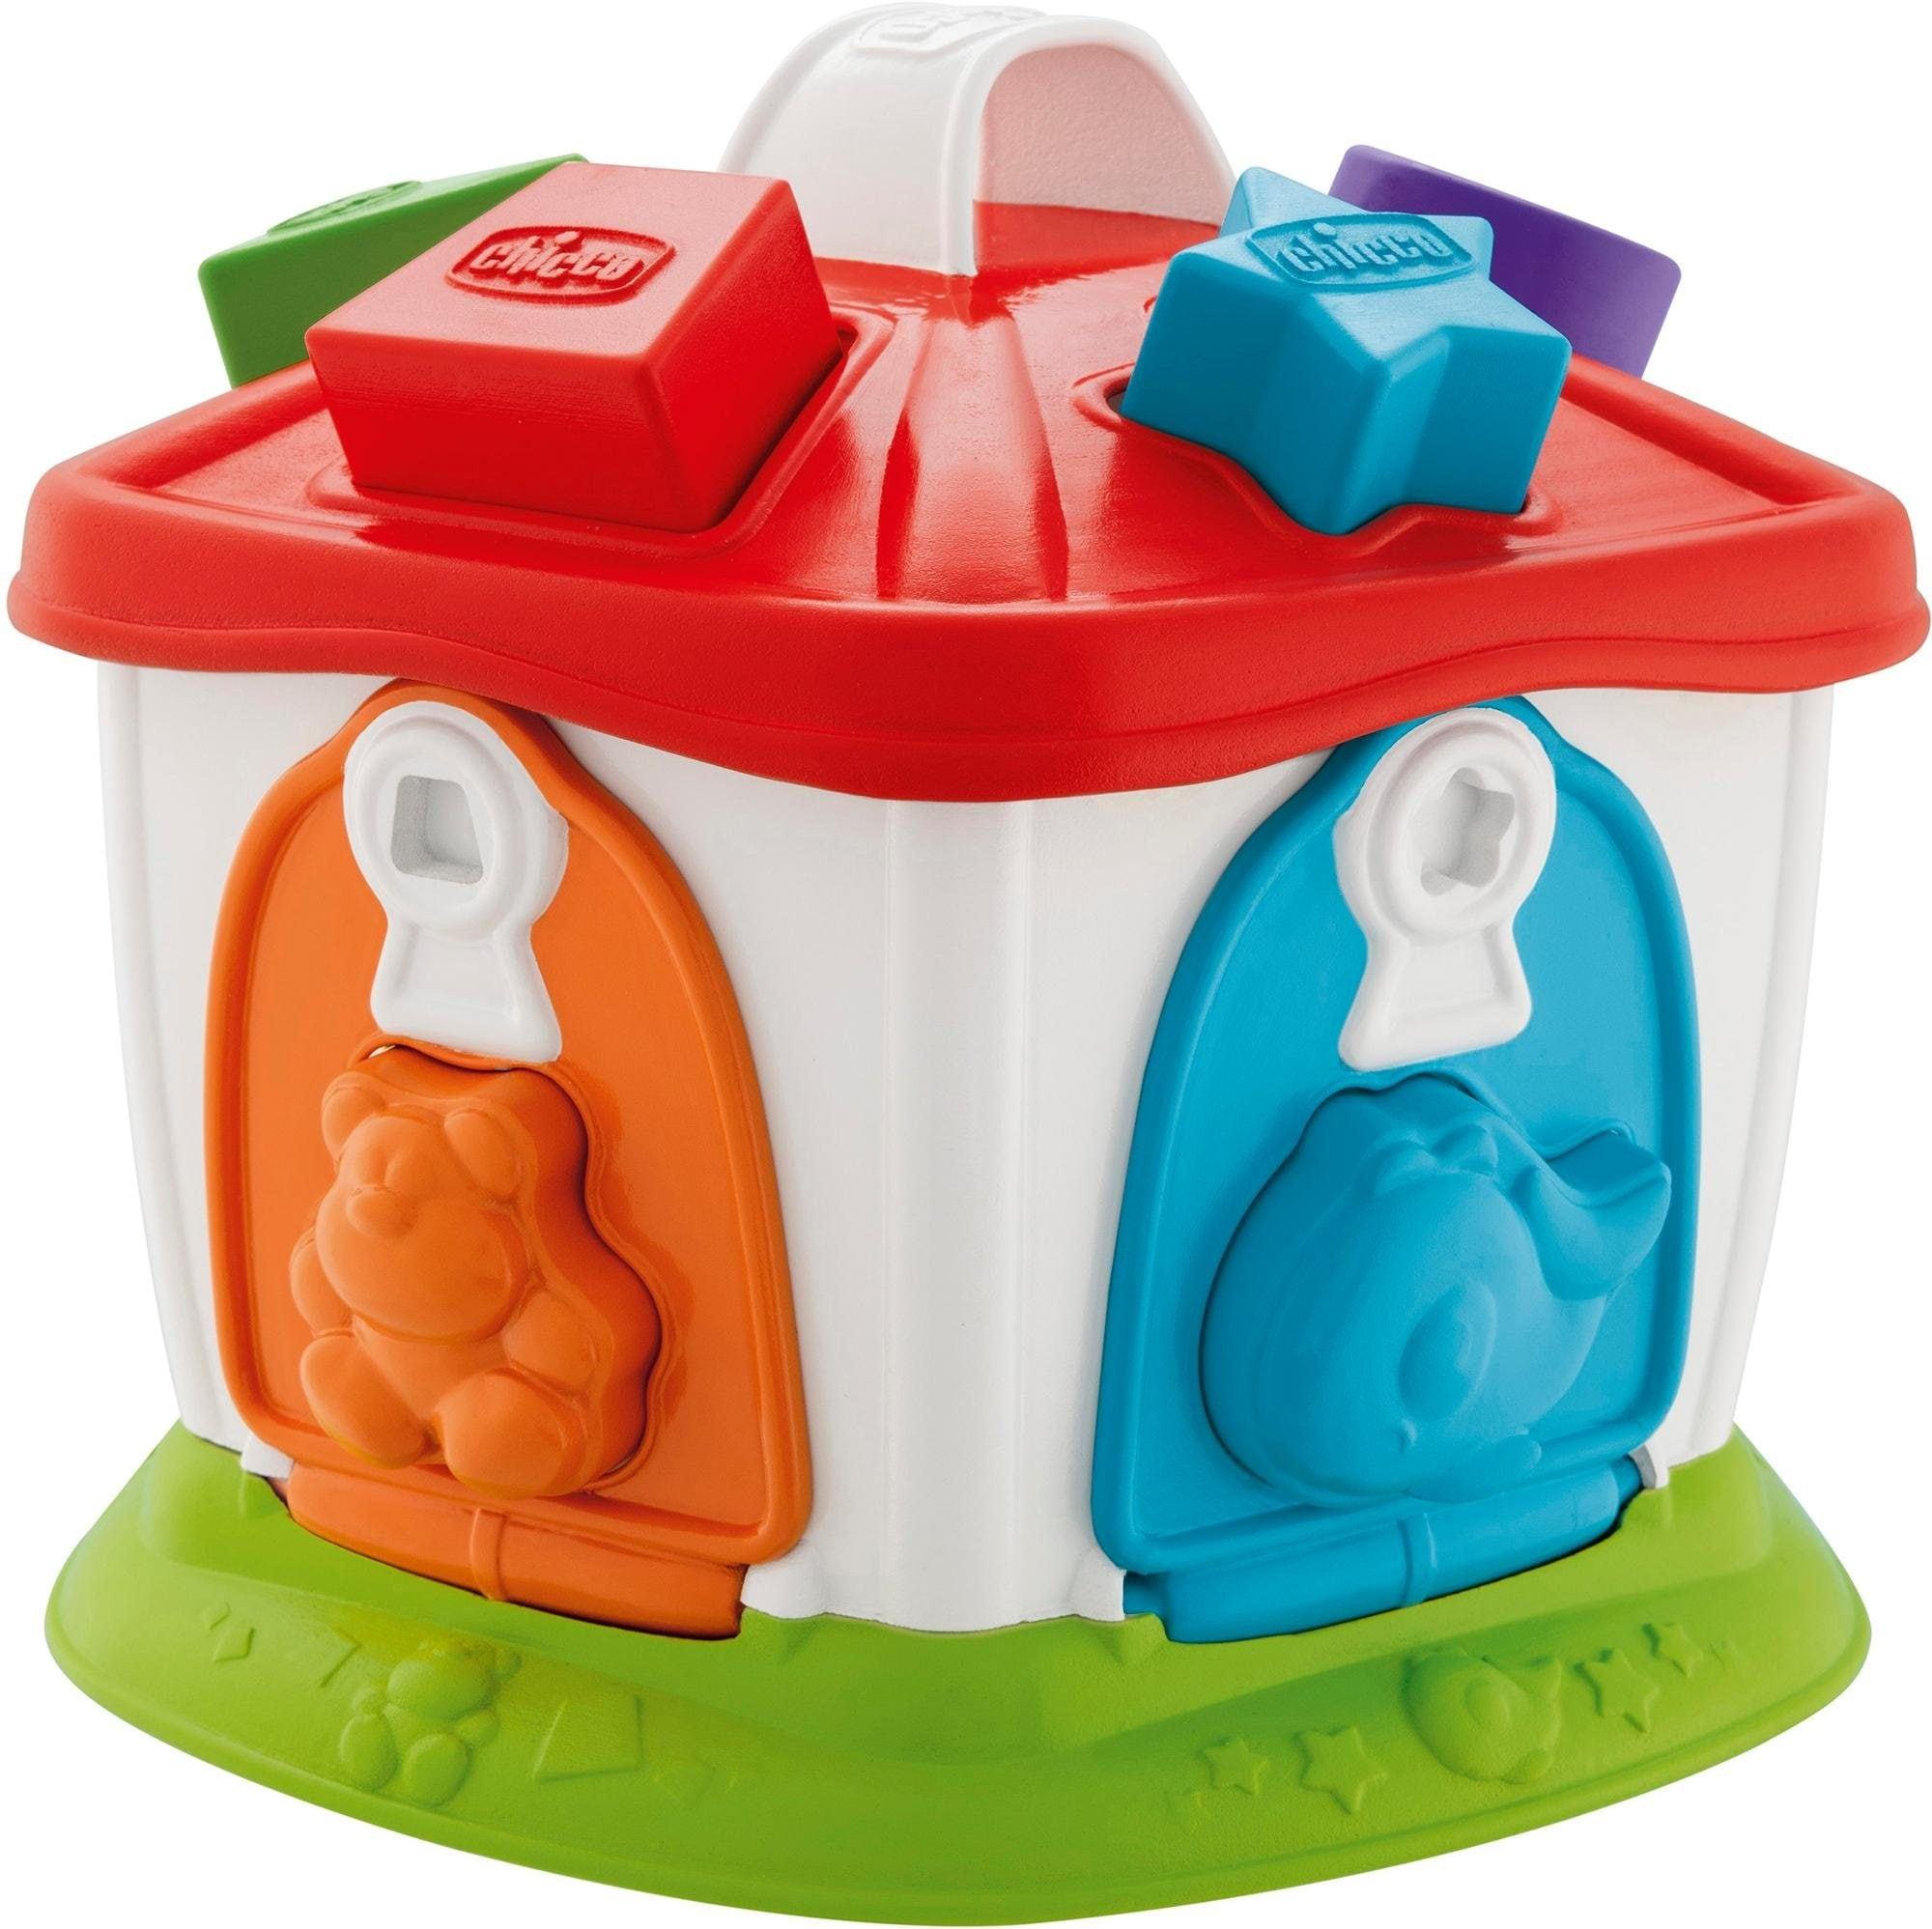 Chicco Steckspielzeug 2-in-1 Tierchen Zirkus bunt Kinder Steck- Stapelspielzeug Baby Kleinkind